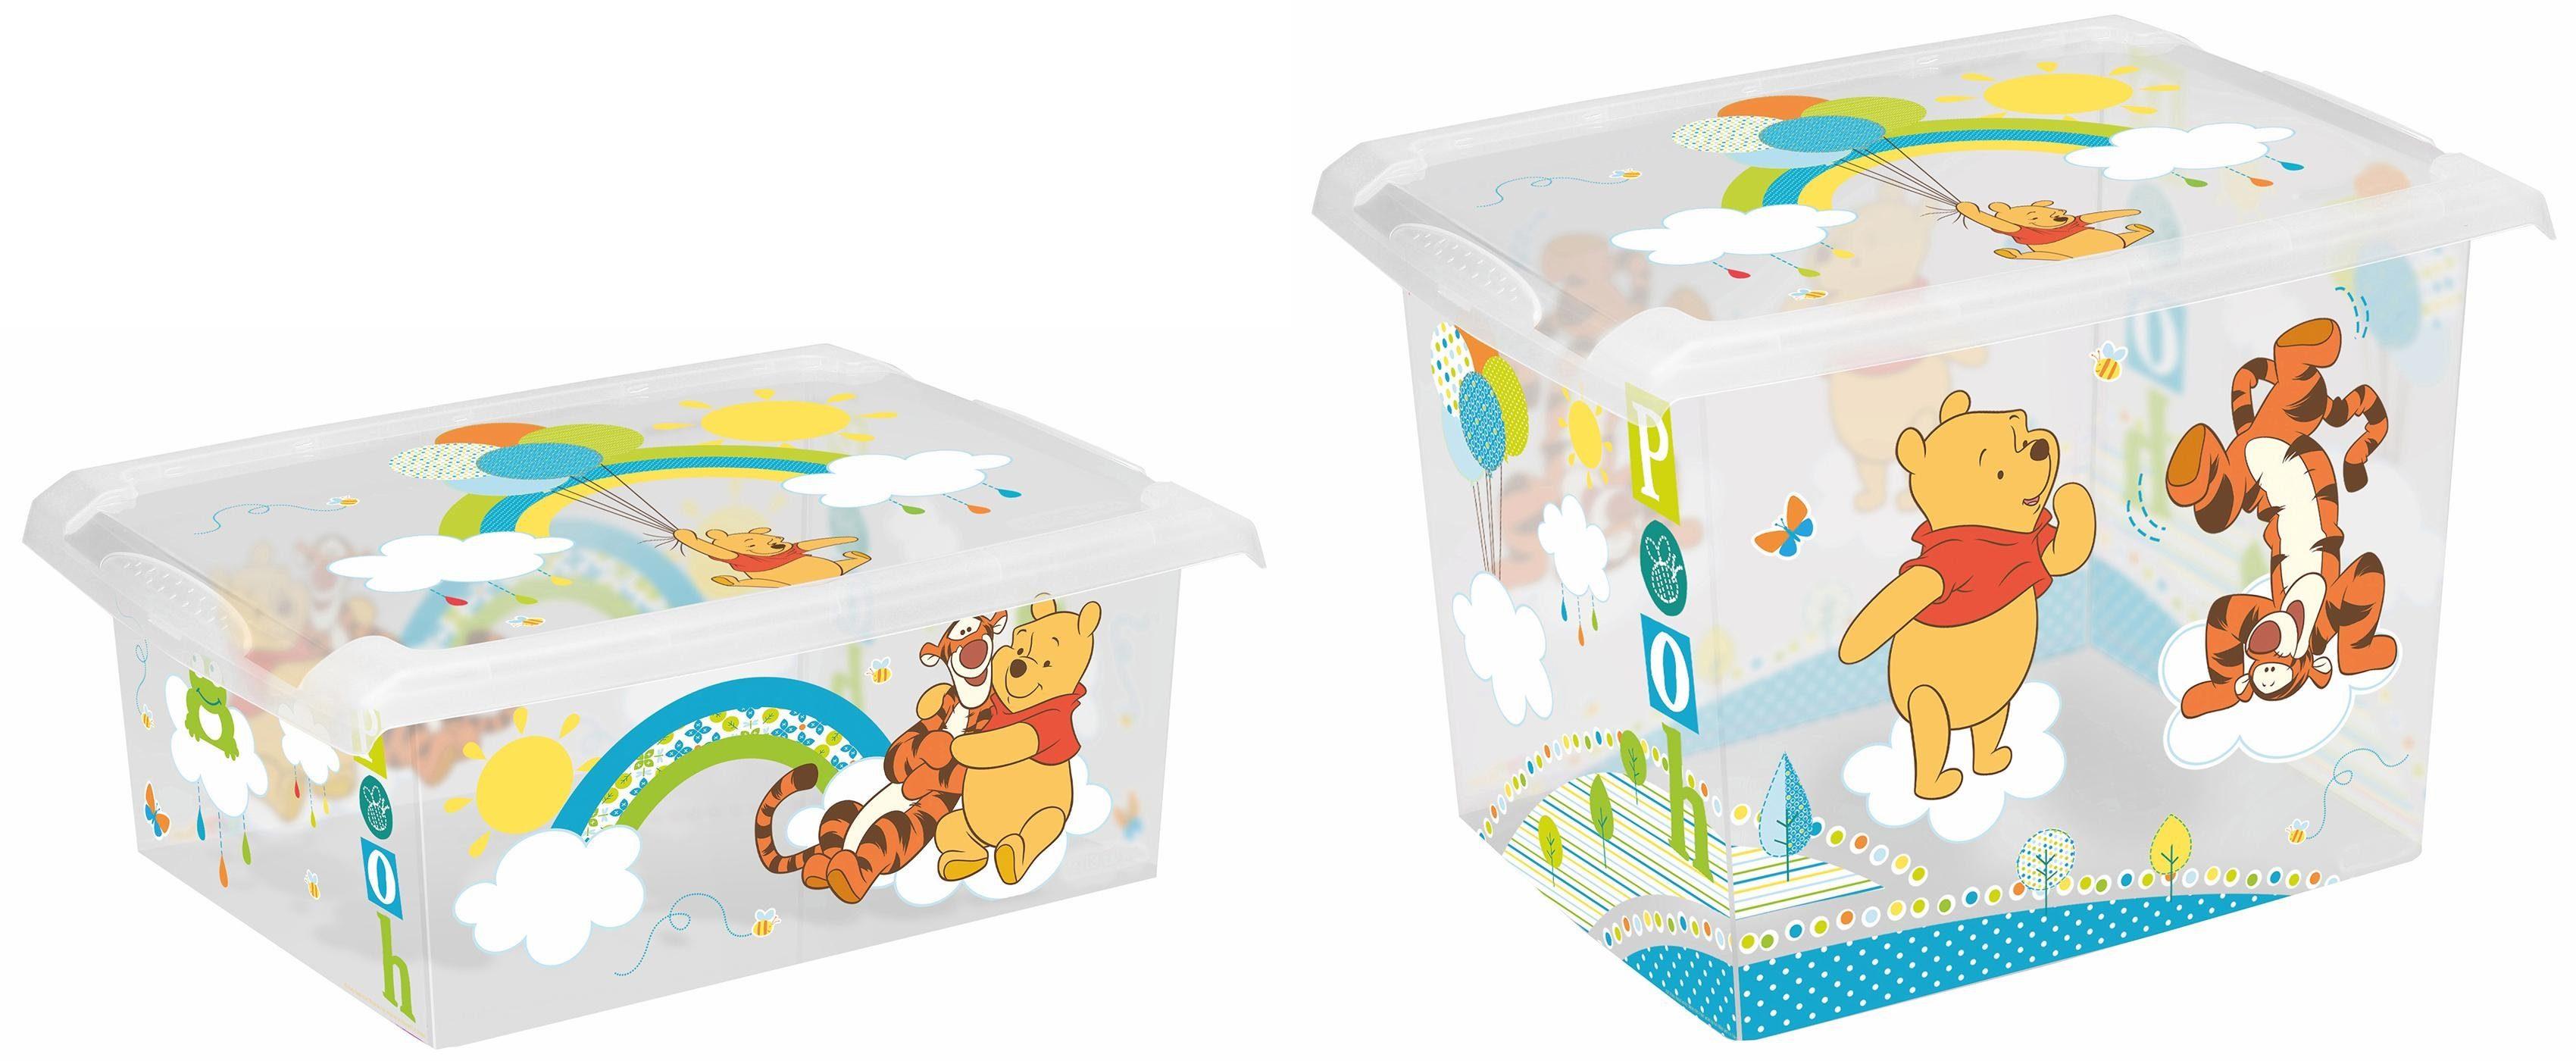 keeeper Deko-Box mit Deckel und Winnie Puuh Dekor, 2er Set, »filip«